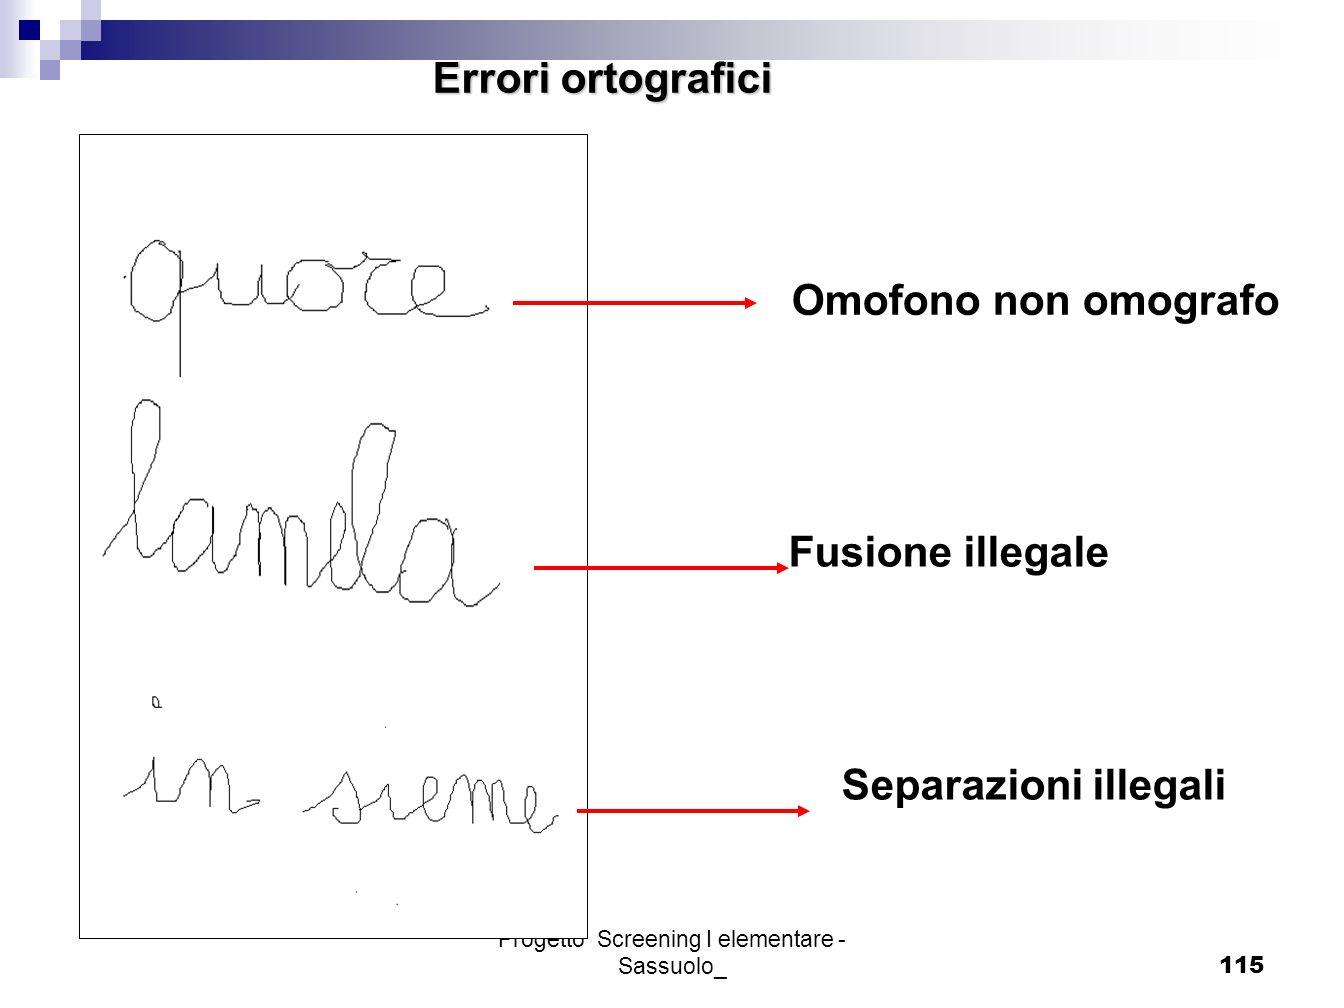 Progetto Screening I elementare - Sassuolo_115 Omofono non omografo Errori ortografici Fusione illegale Separazioni illegali